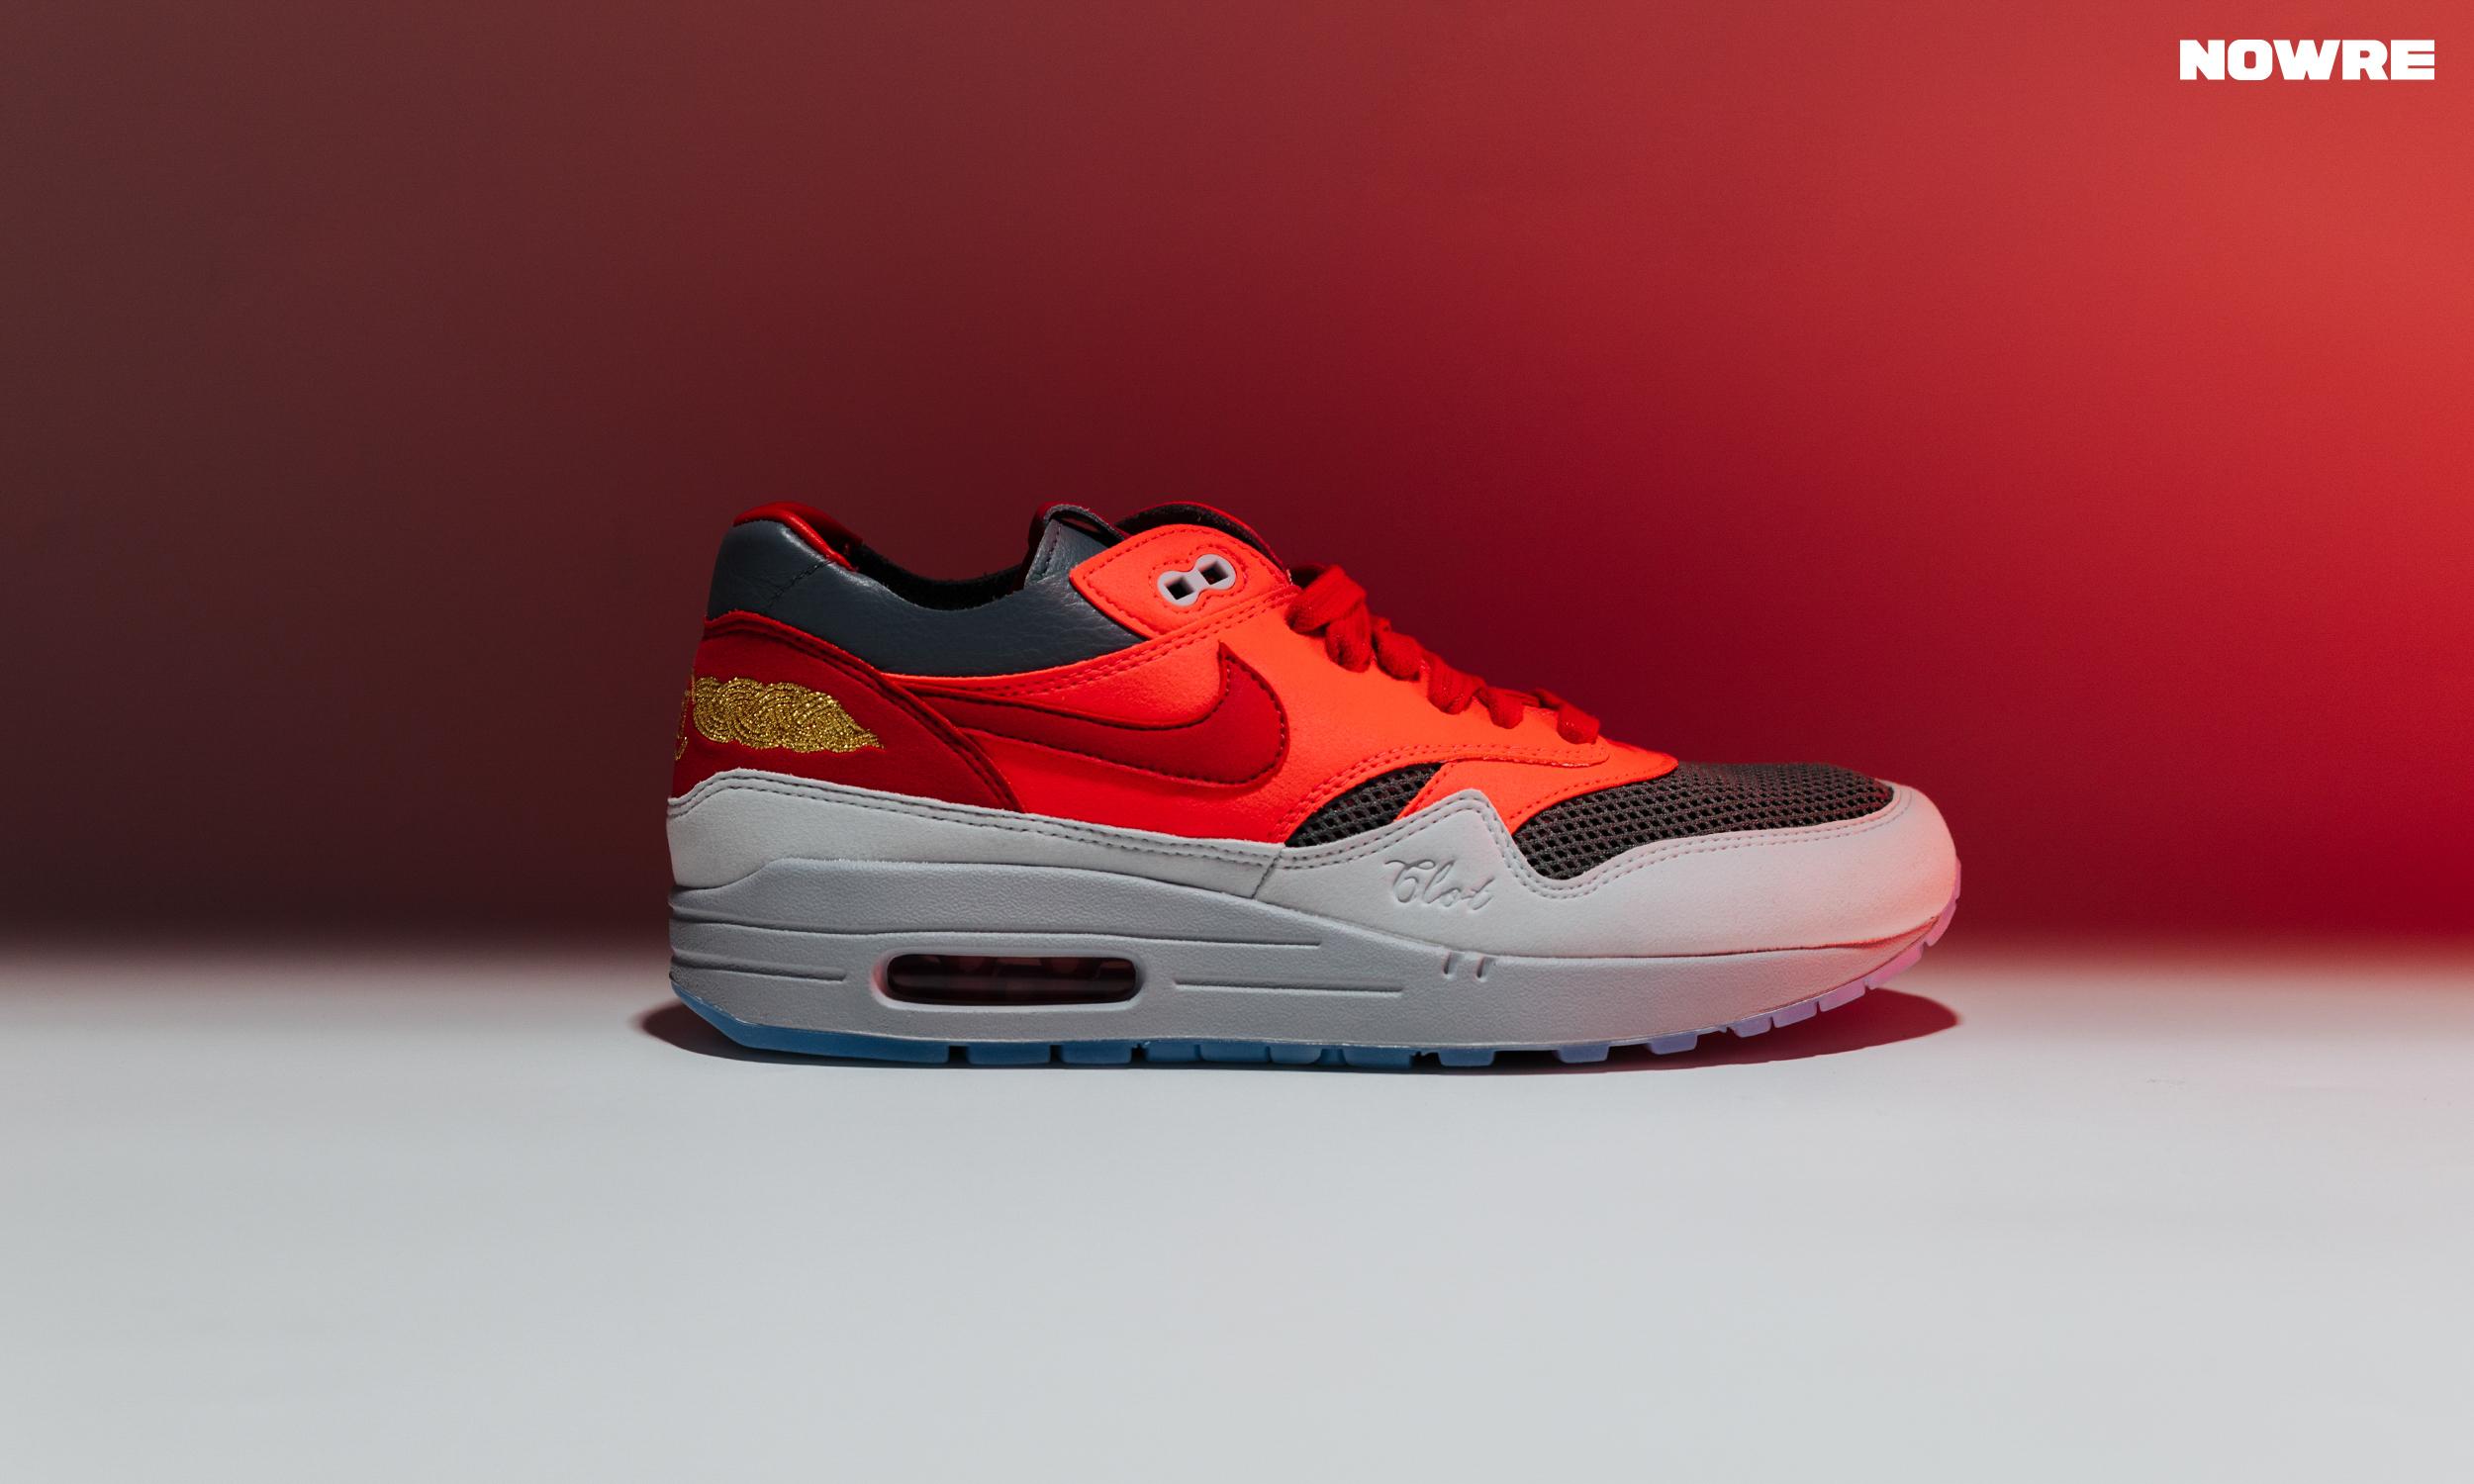 给你做陈冠希亲友的机会,CLOT x Nike Air Max 1「K.O.D.」SOLAR RED 细赏